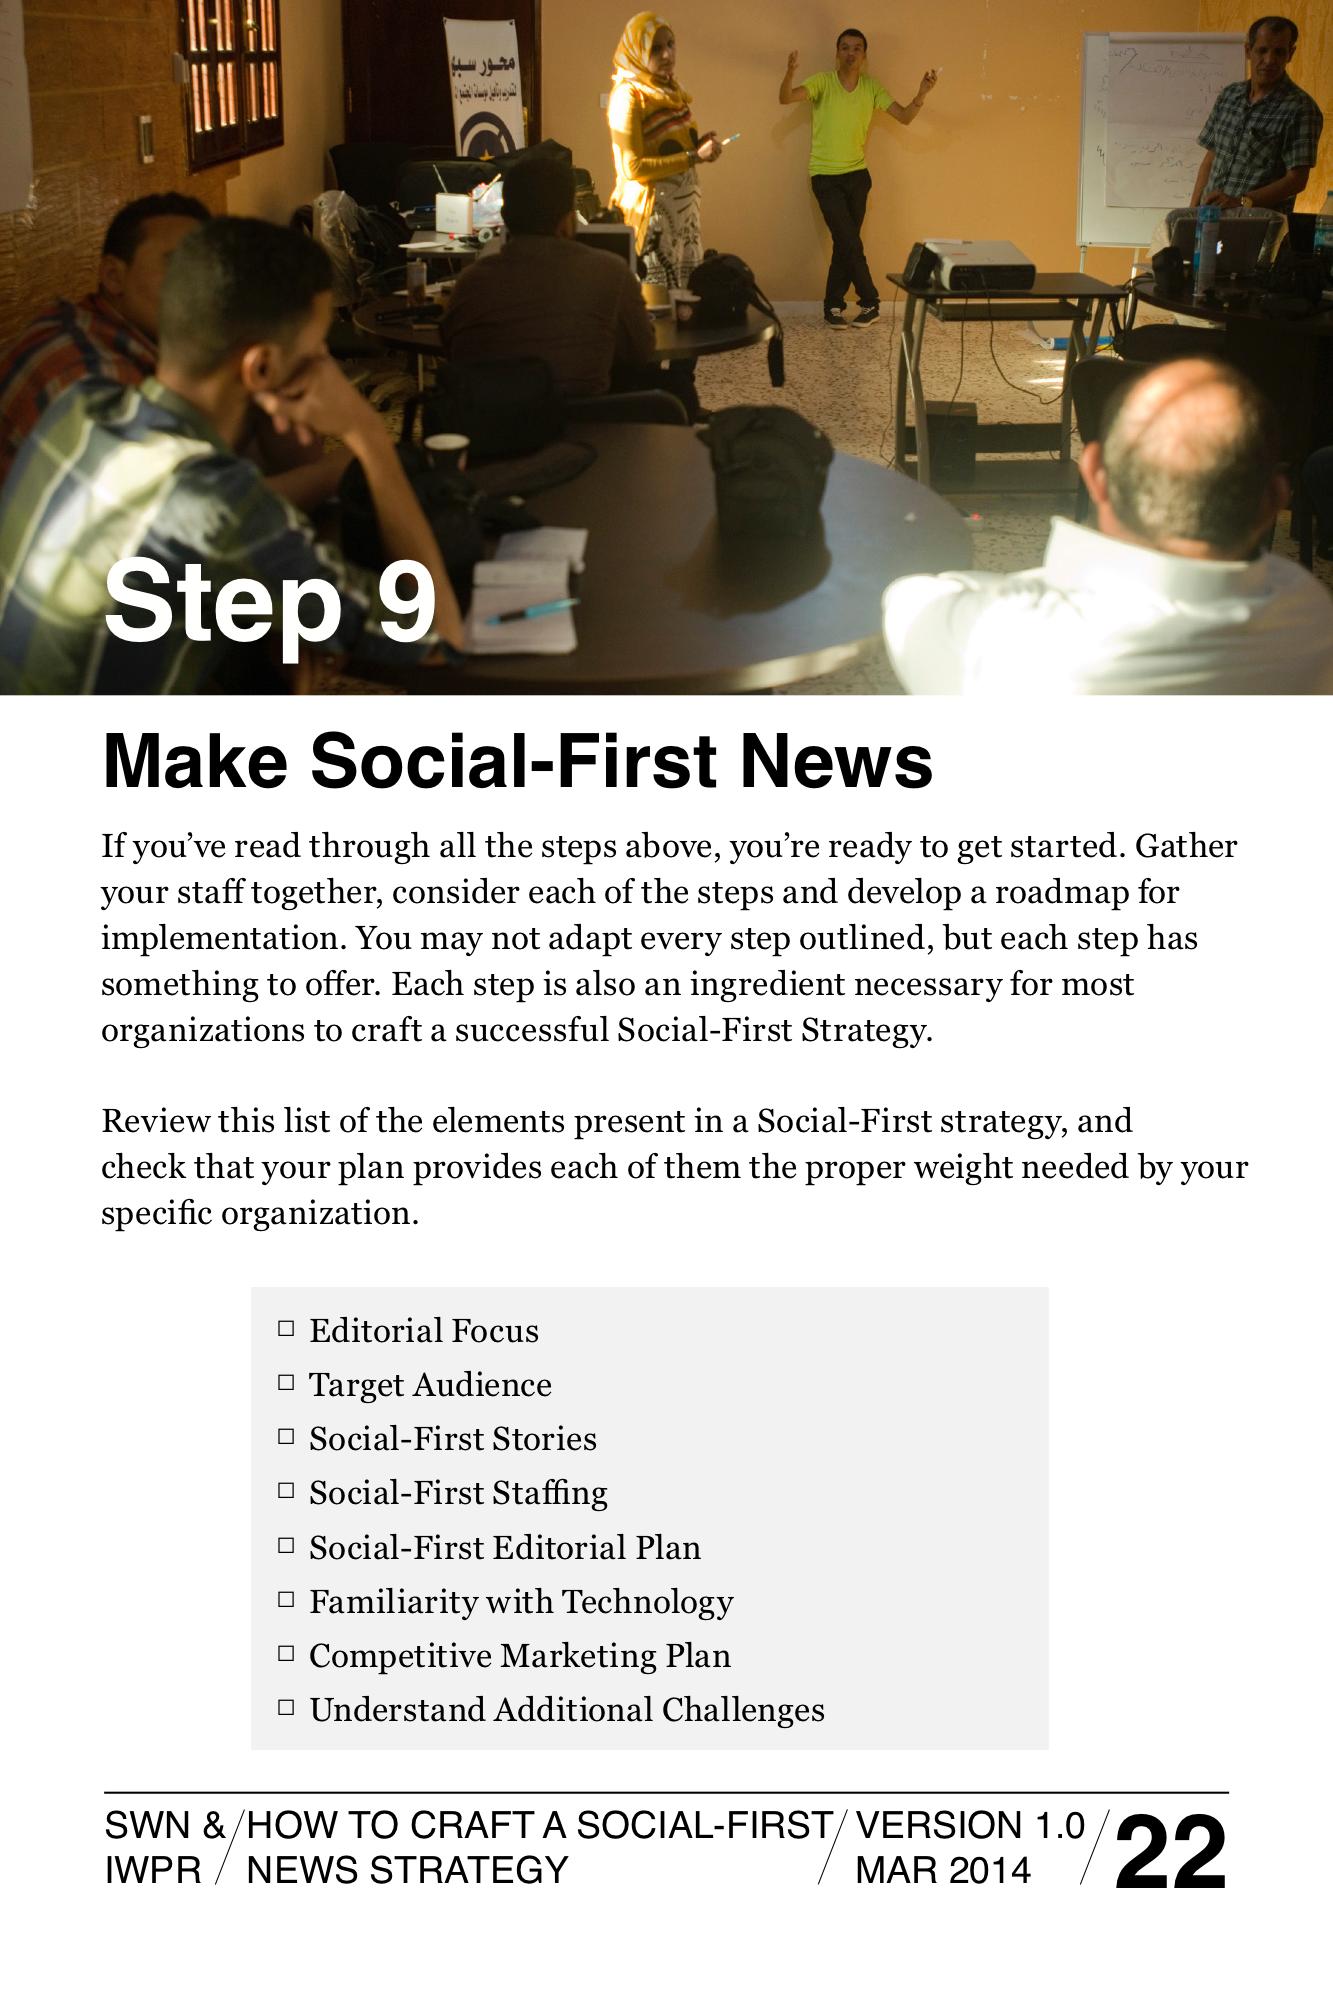 socialfirst 22.png